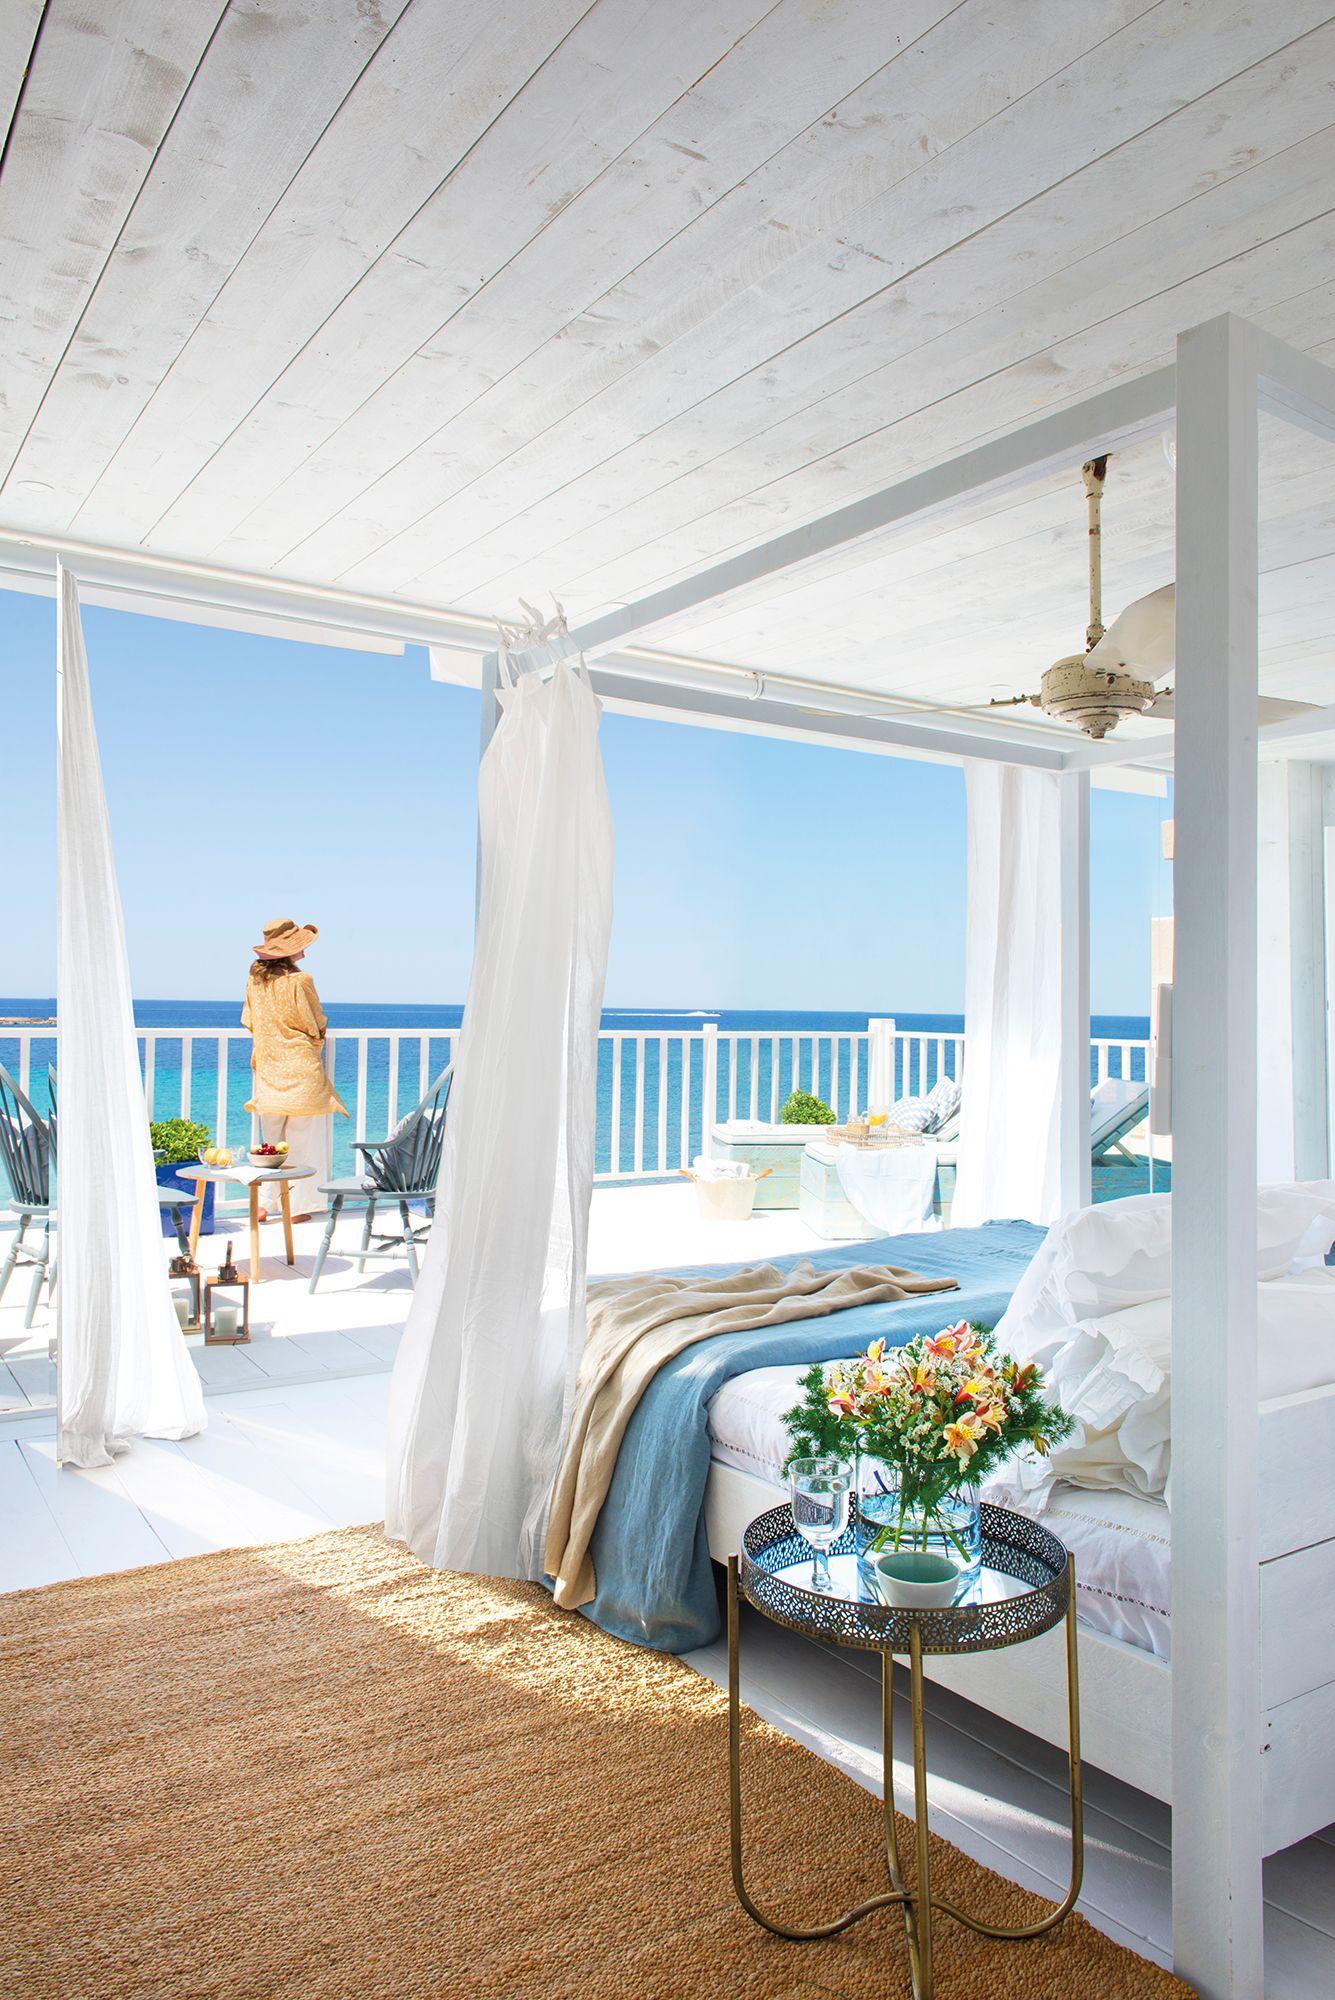 Dormir Con El Rumor Del Mar Casa Playa Decoracion